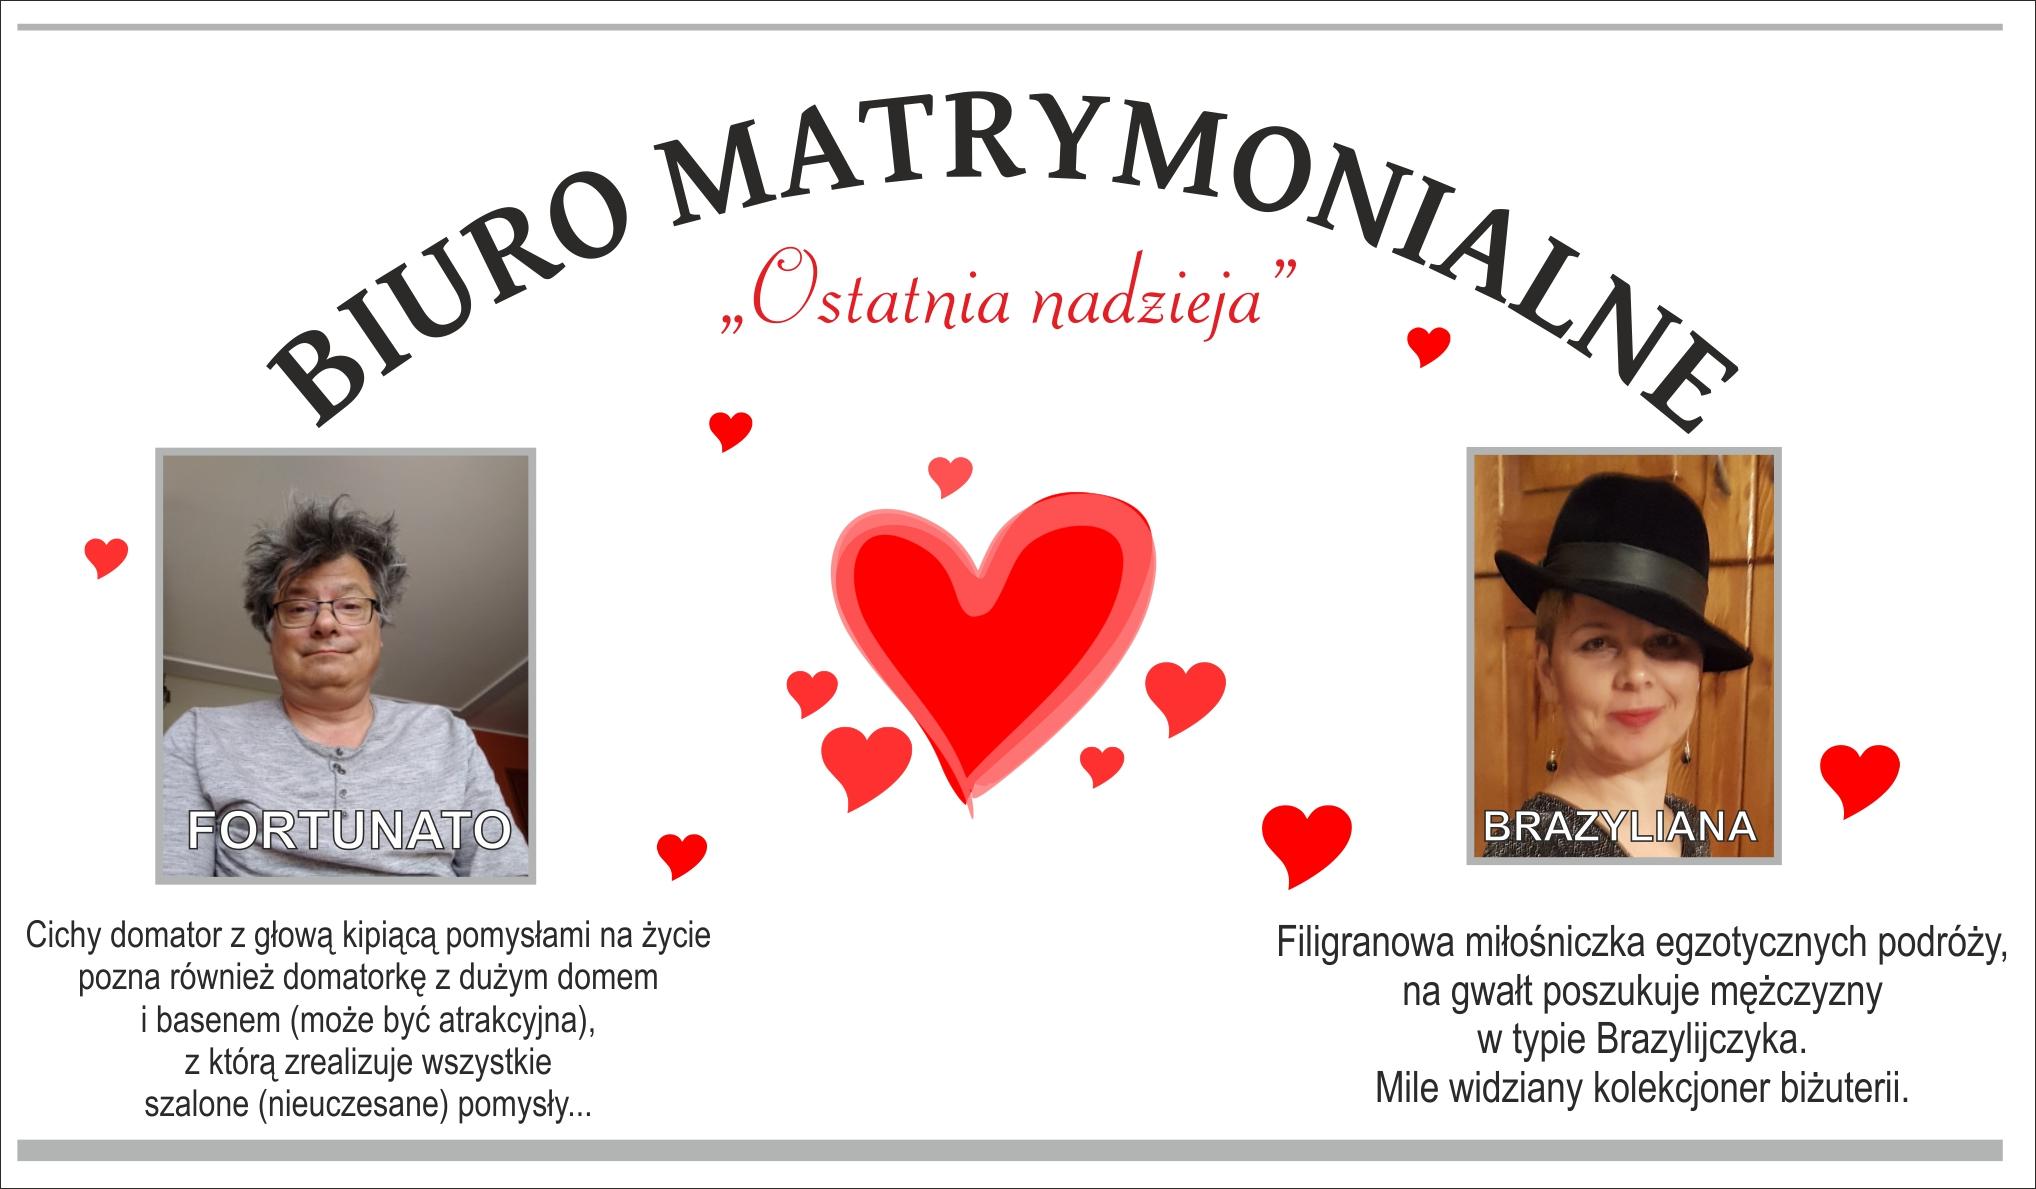 """plakat przedstawia napis; Biuro matrymonialne """"Ostatnaia nadzieja"""". Fotografie wykonawców: Fortunato i Brazyliana oraz charakterystykę."""